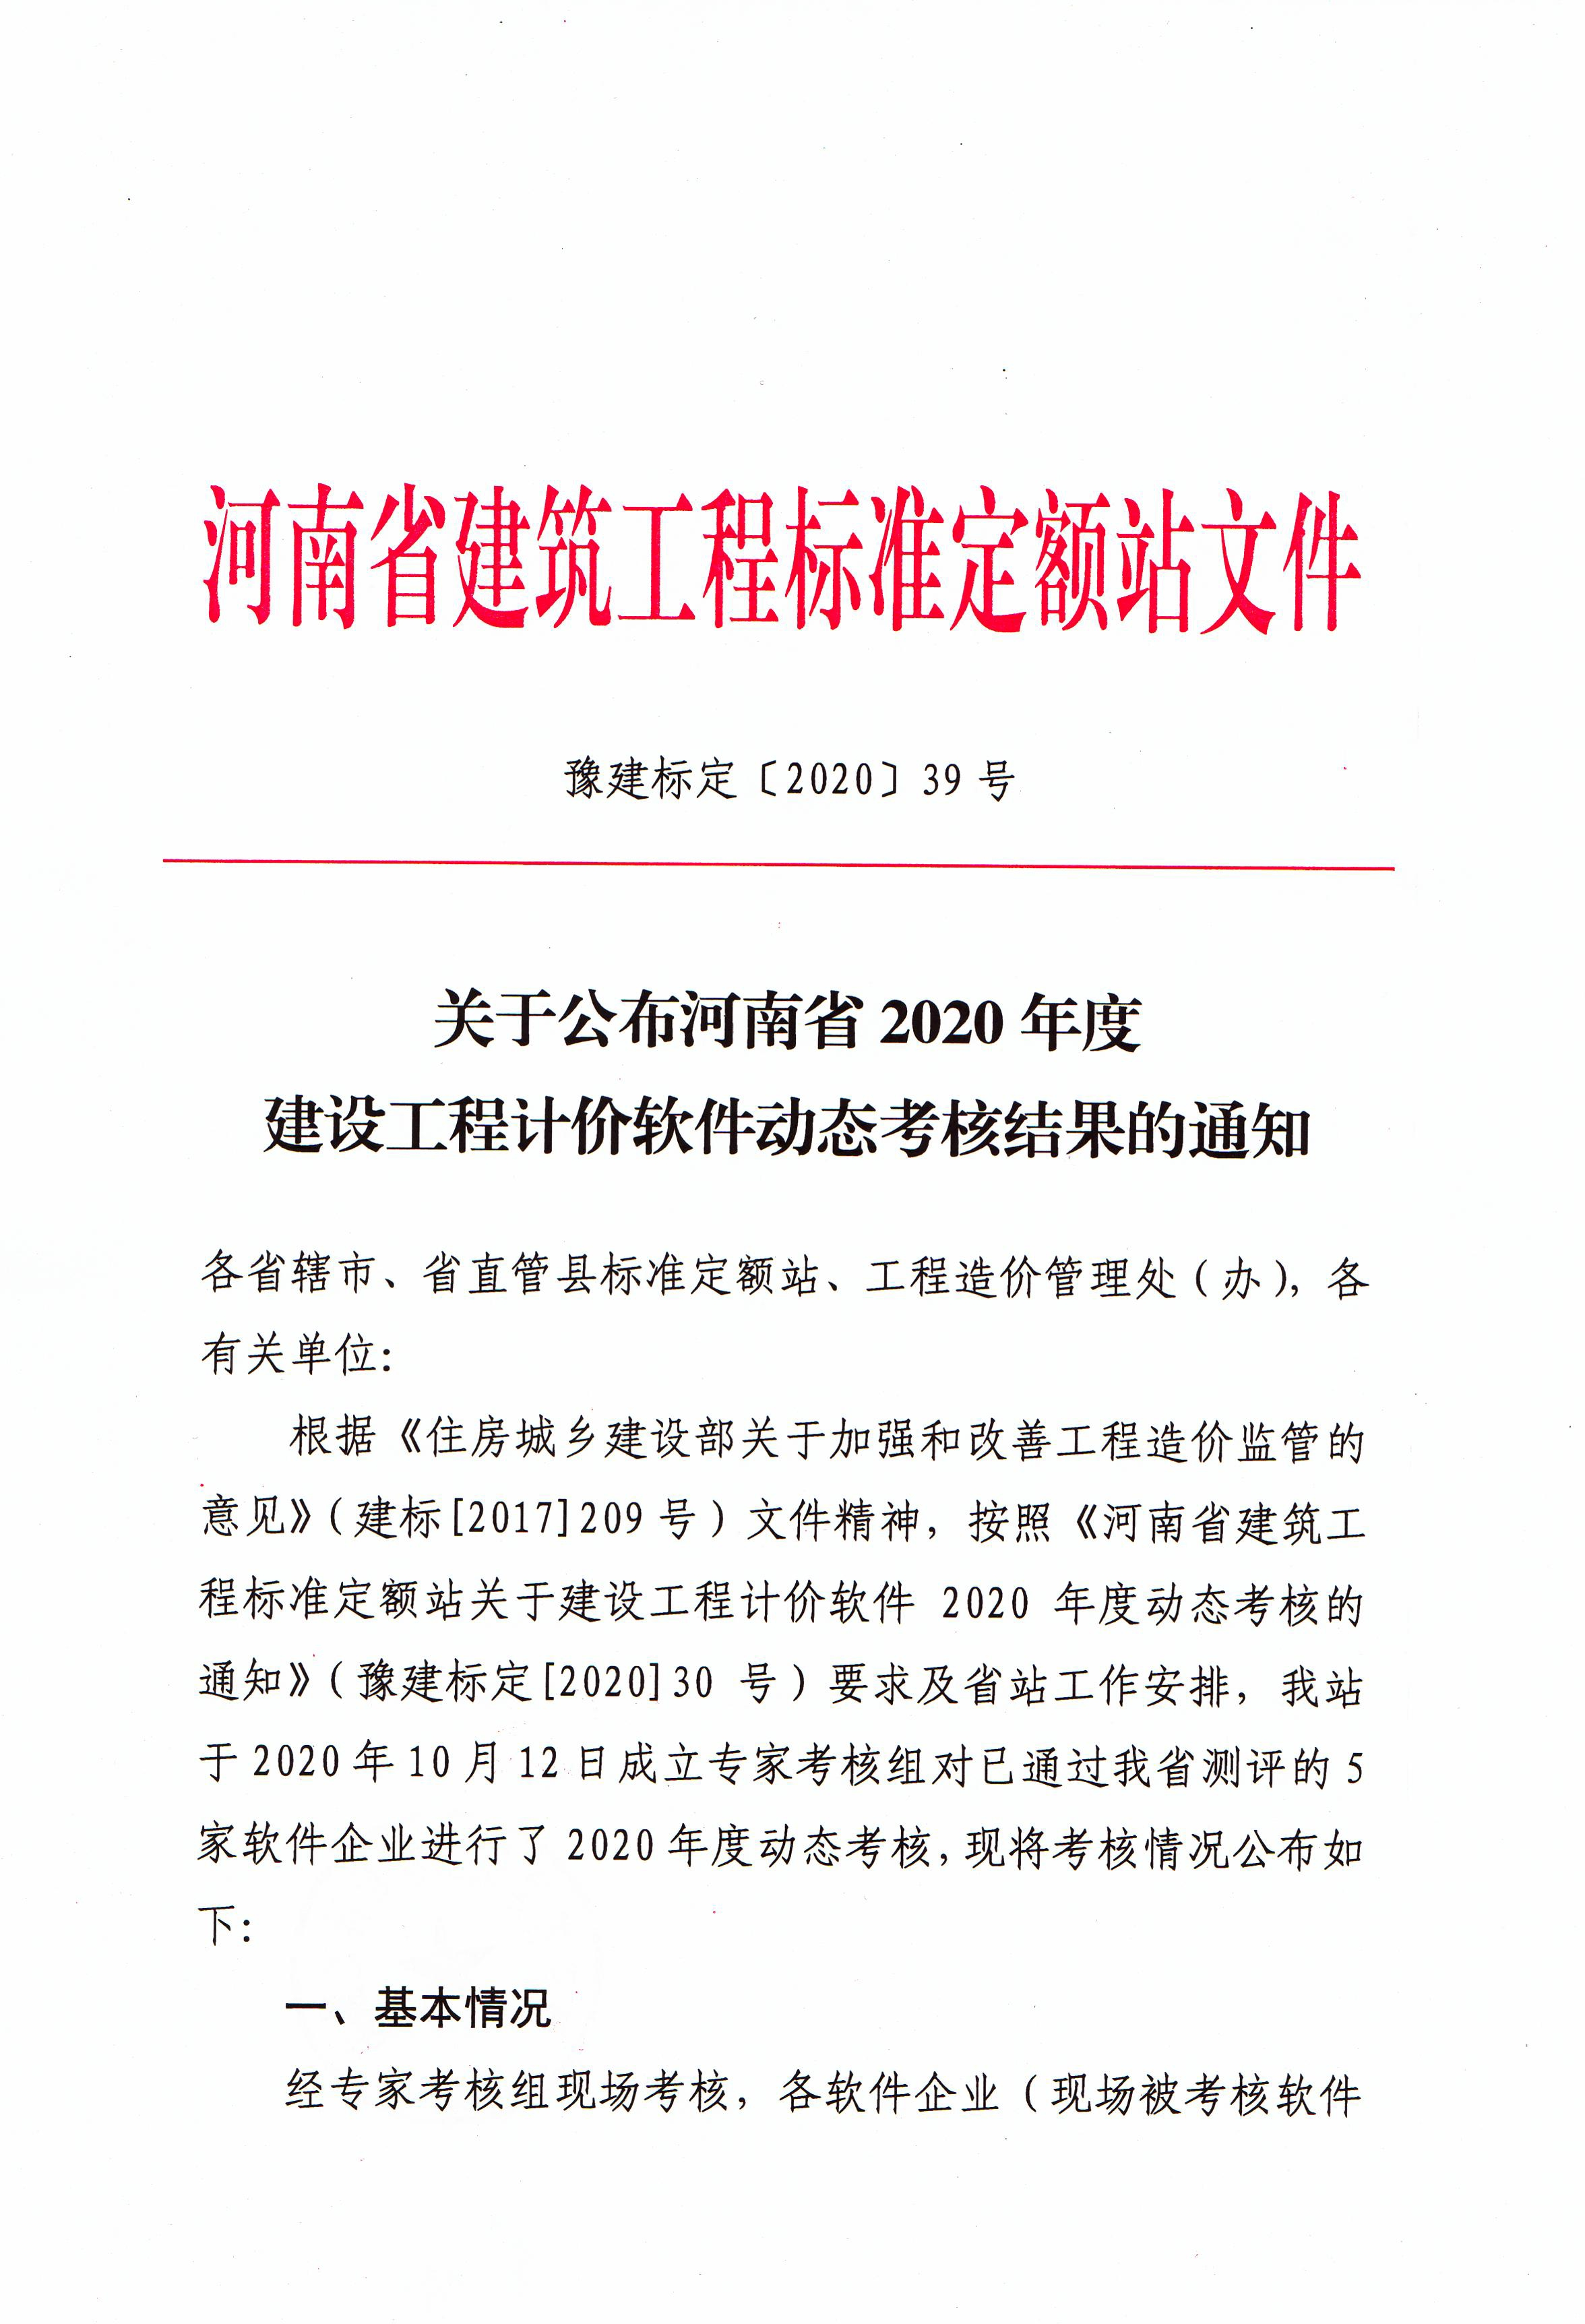 河南工程造价信息网关于公布河南省2020年度建设工程计价软件动态考核结果的通知